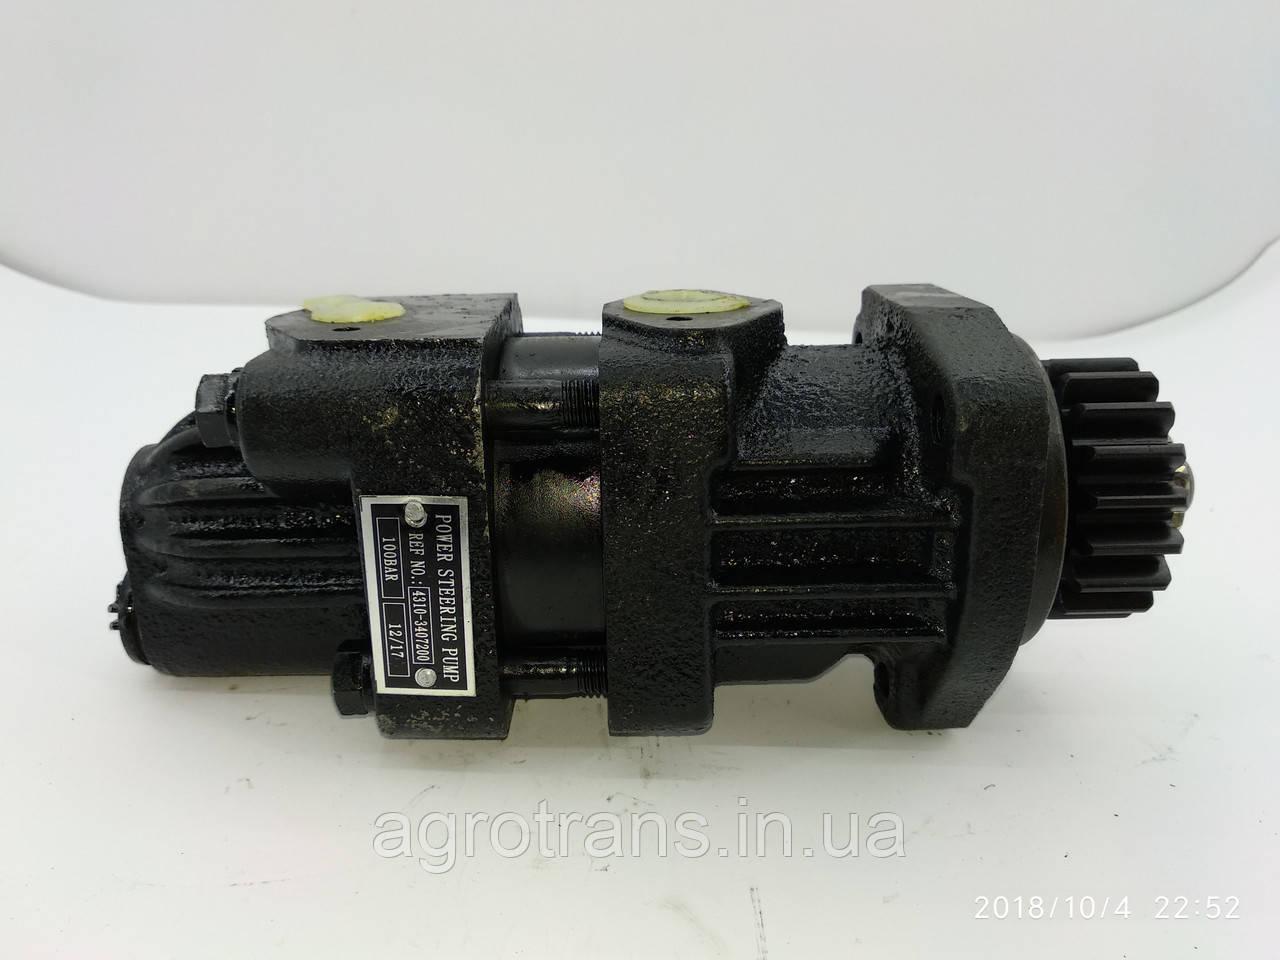 Насос гидроусилителя руля КАМАЗ 4310-3407200 без бачка. Насос гідропідсилювача керма без бачка КАМАЗ